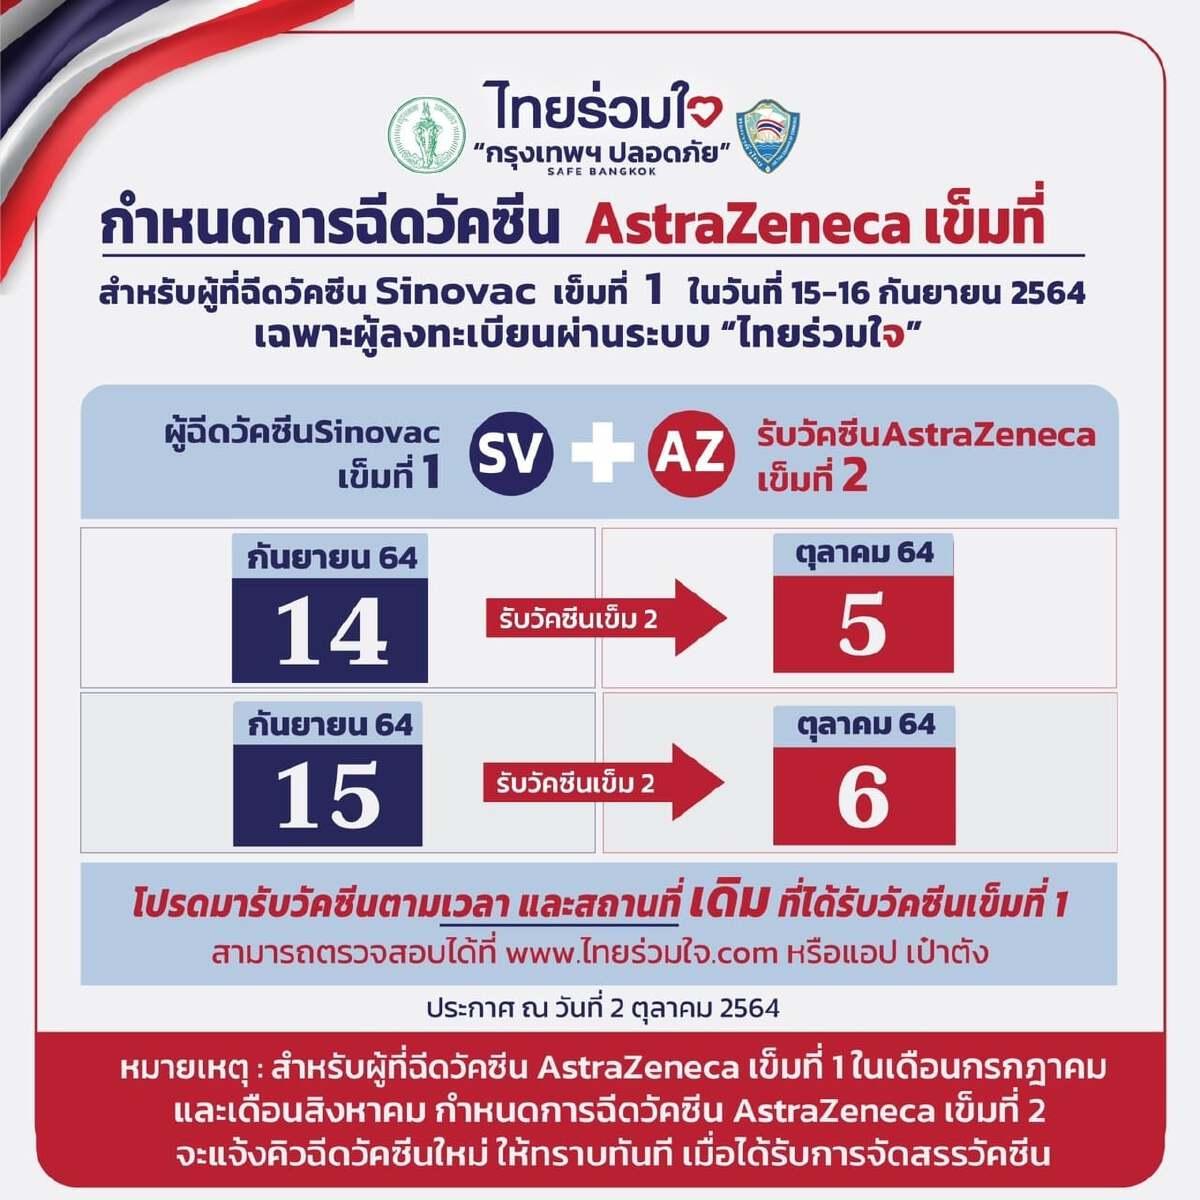 ไทยร่วมใจฯ นัดฉีดวัคซีน AstraZeneca เข็ม 2